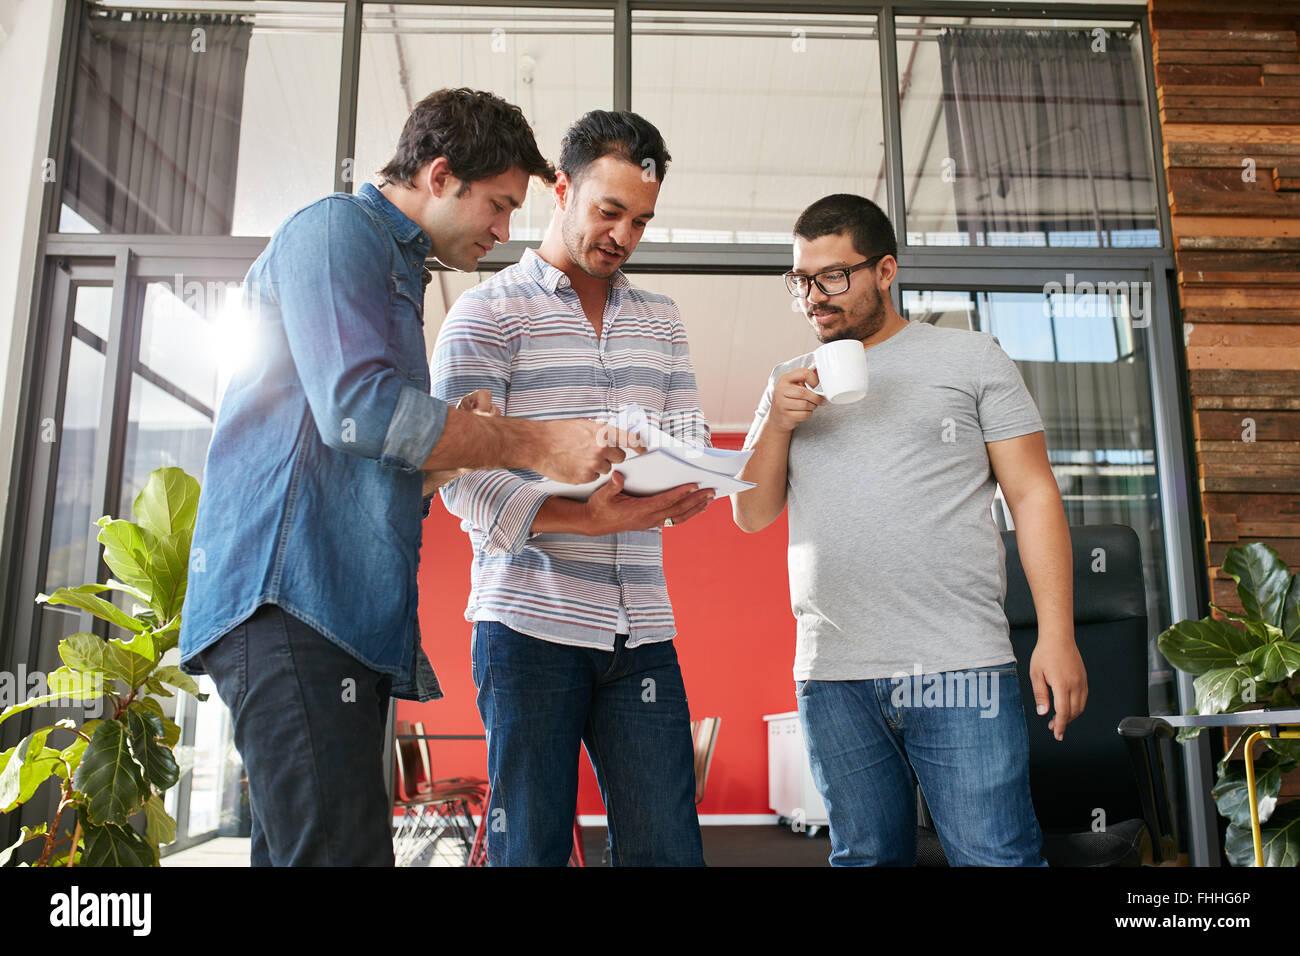 Un gruppo di imprenditori per discutere dei documenti in ufficio. Tre giovani uomini riuniti in ufficio. Immagini Stock